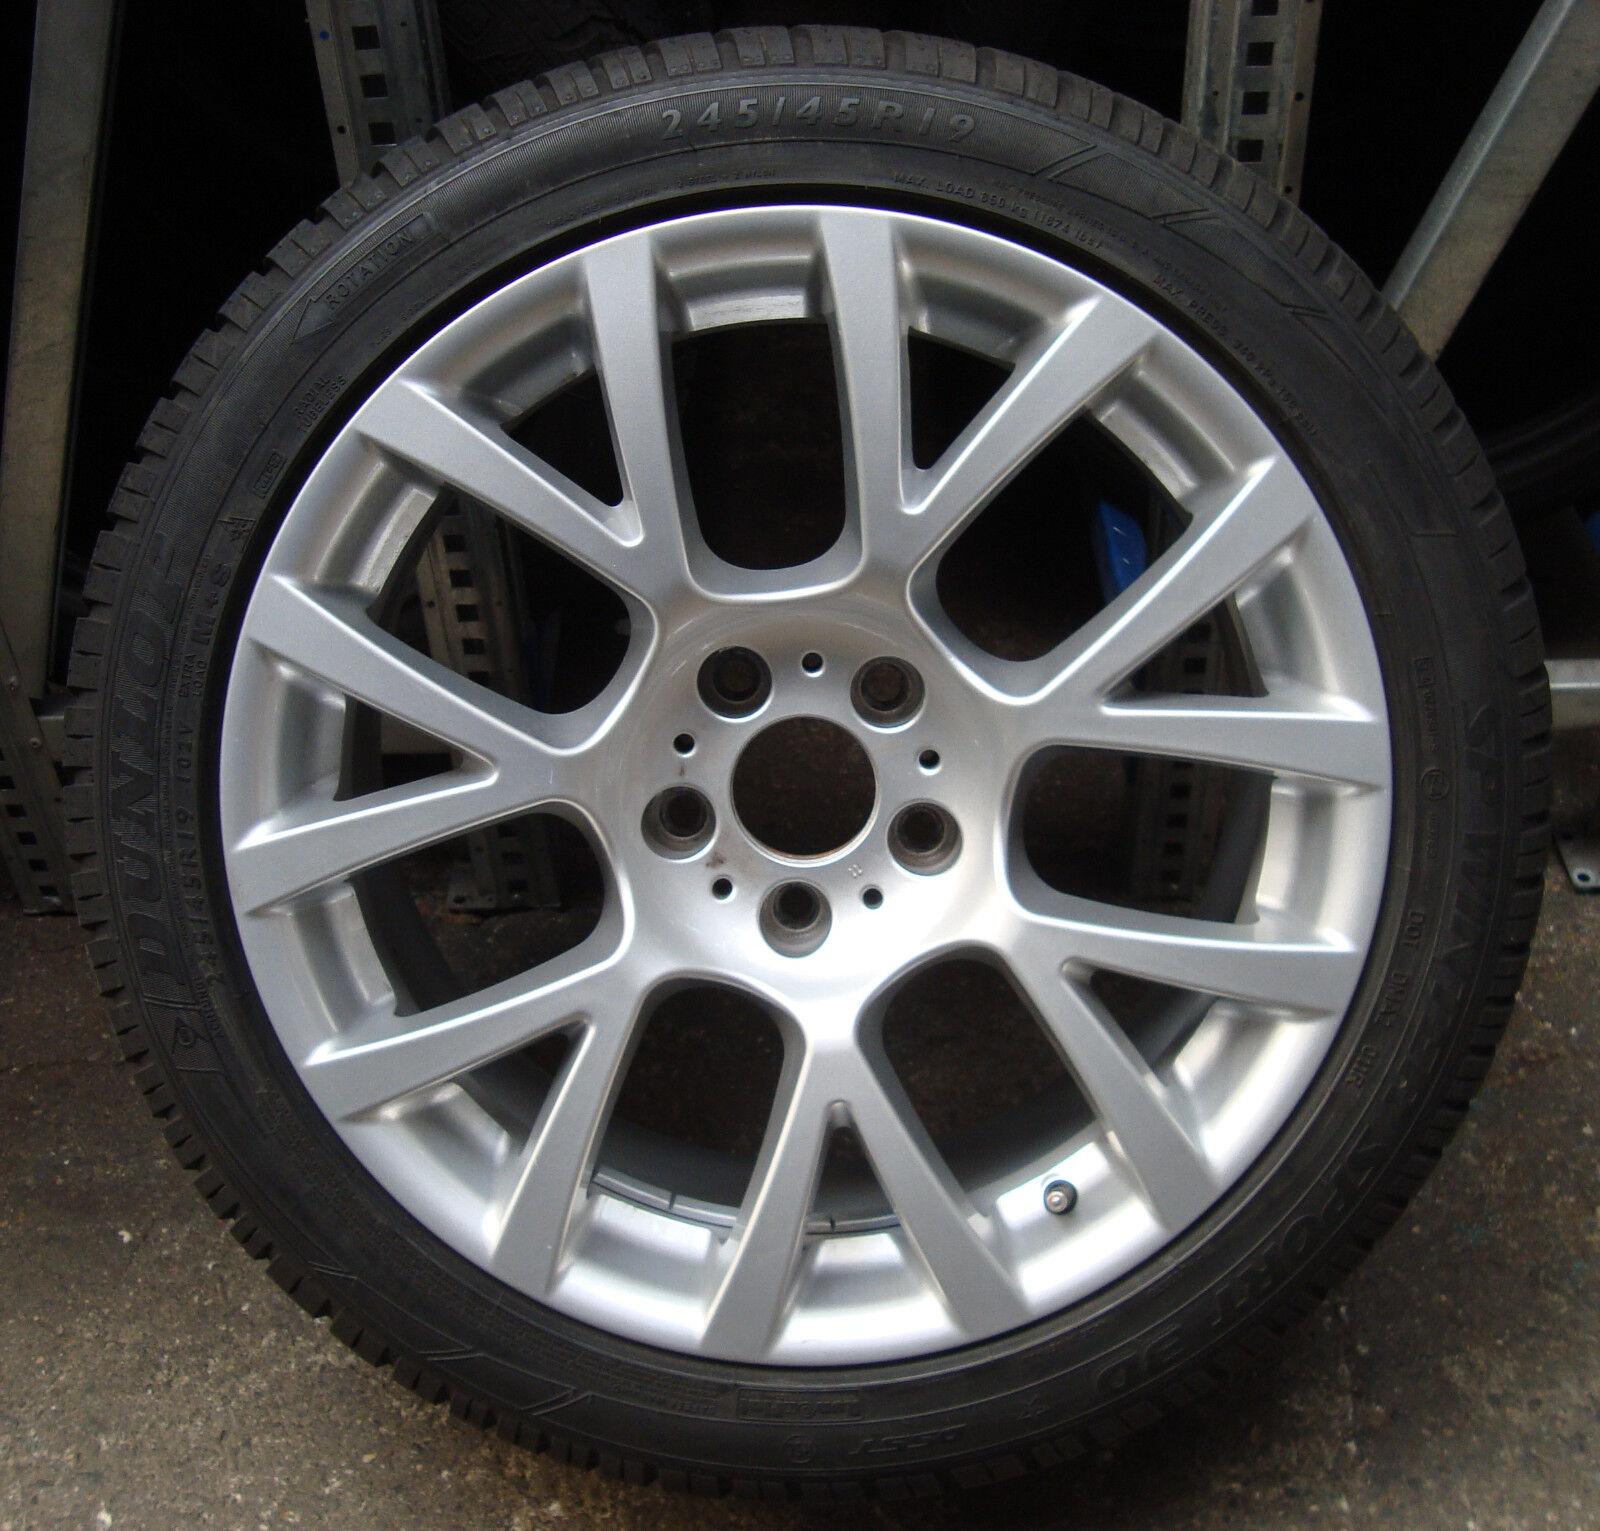 4 bmw winter wheels styling 238 245 45 r19 102v m s 5er gt. Black Bedroom Furniture Sets. Home Design Ideas